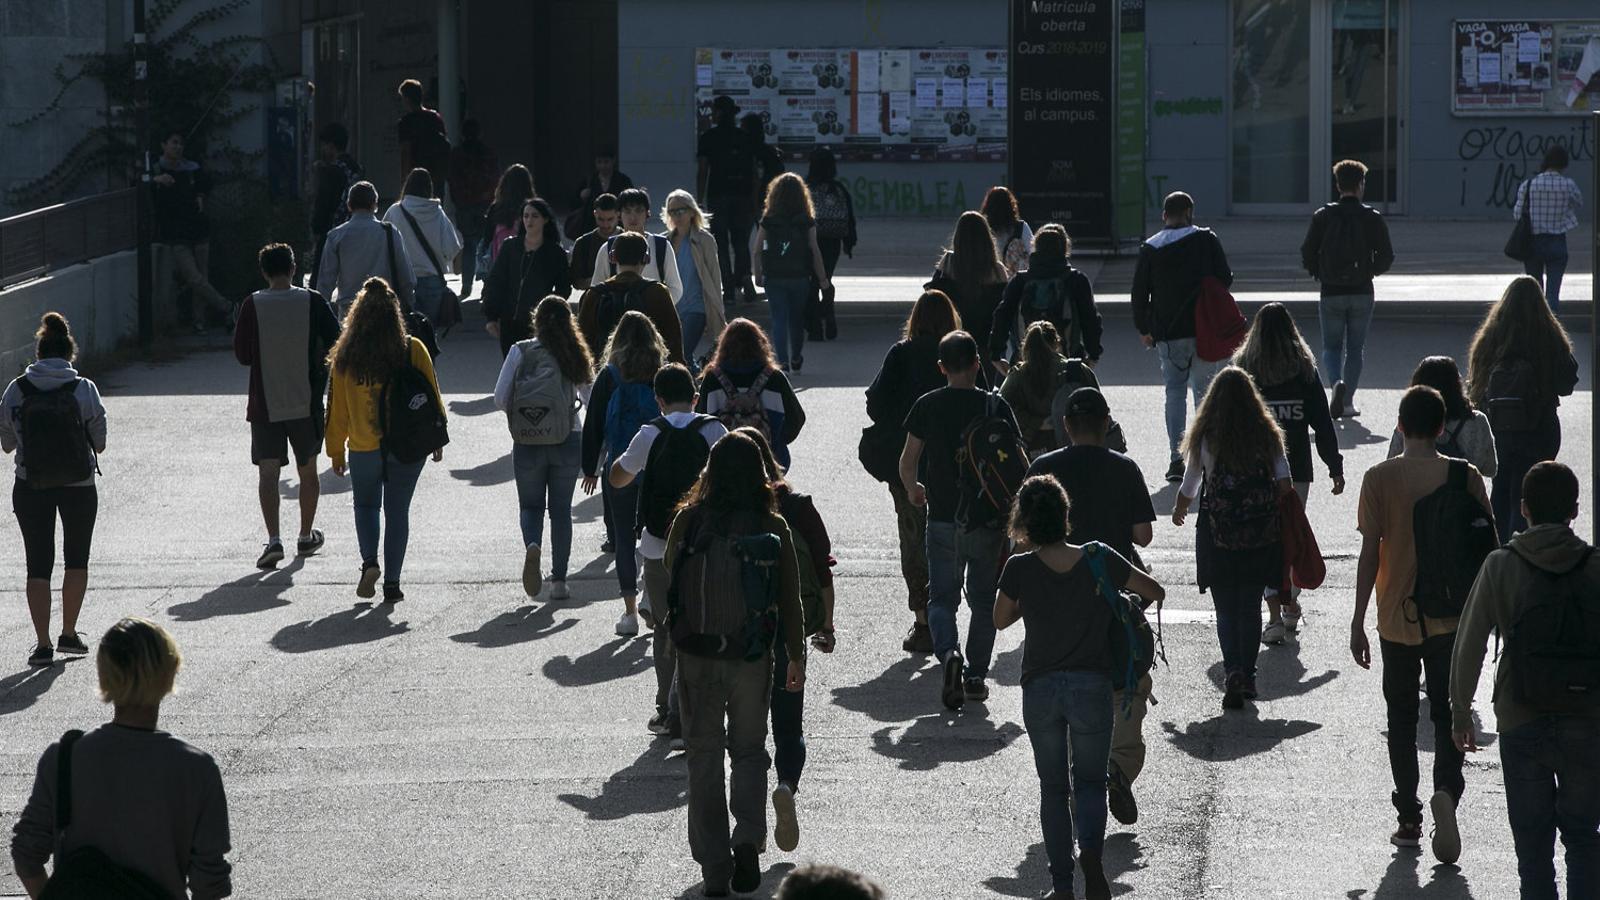 Les universitats catalanes són les líders de l'Estat en rendiment